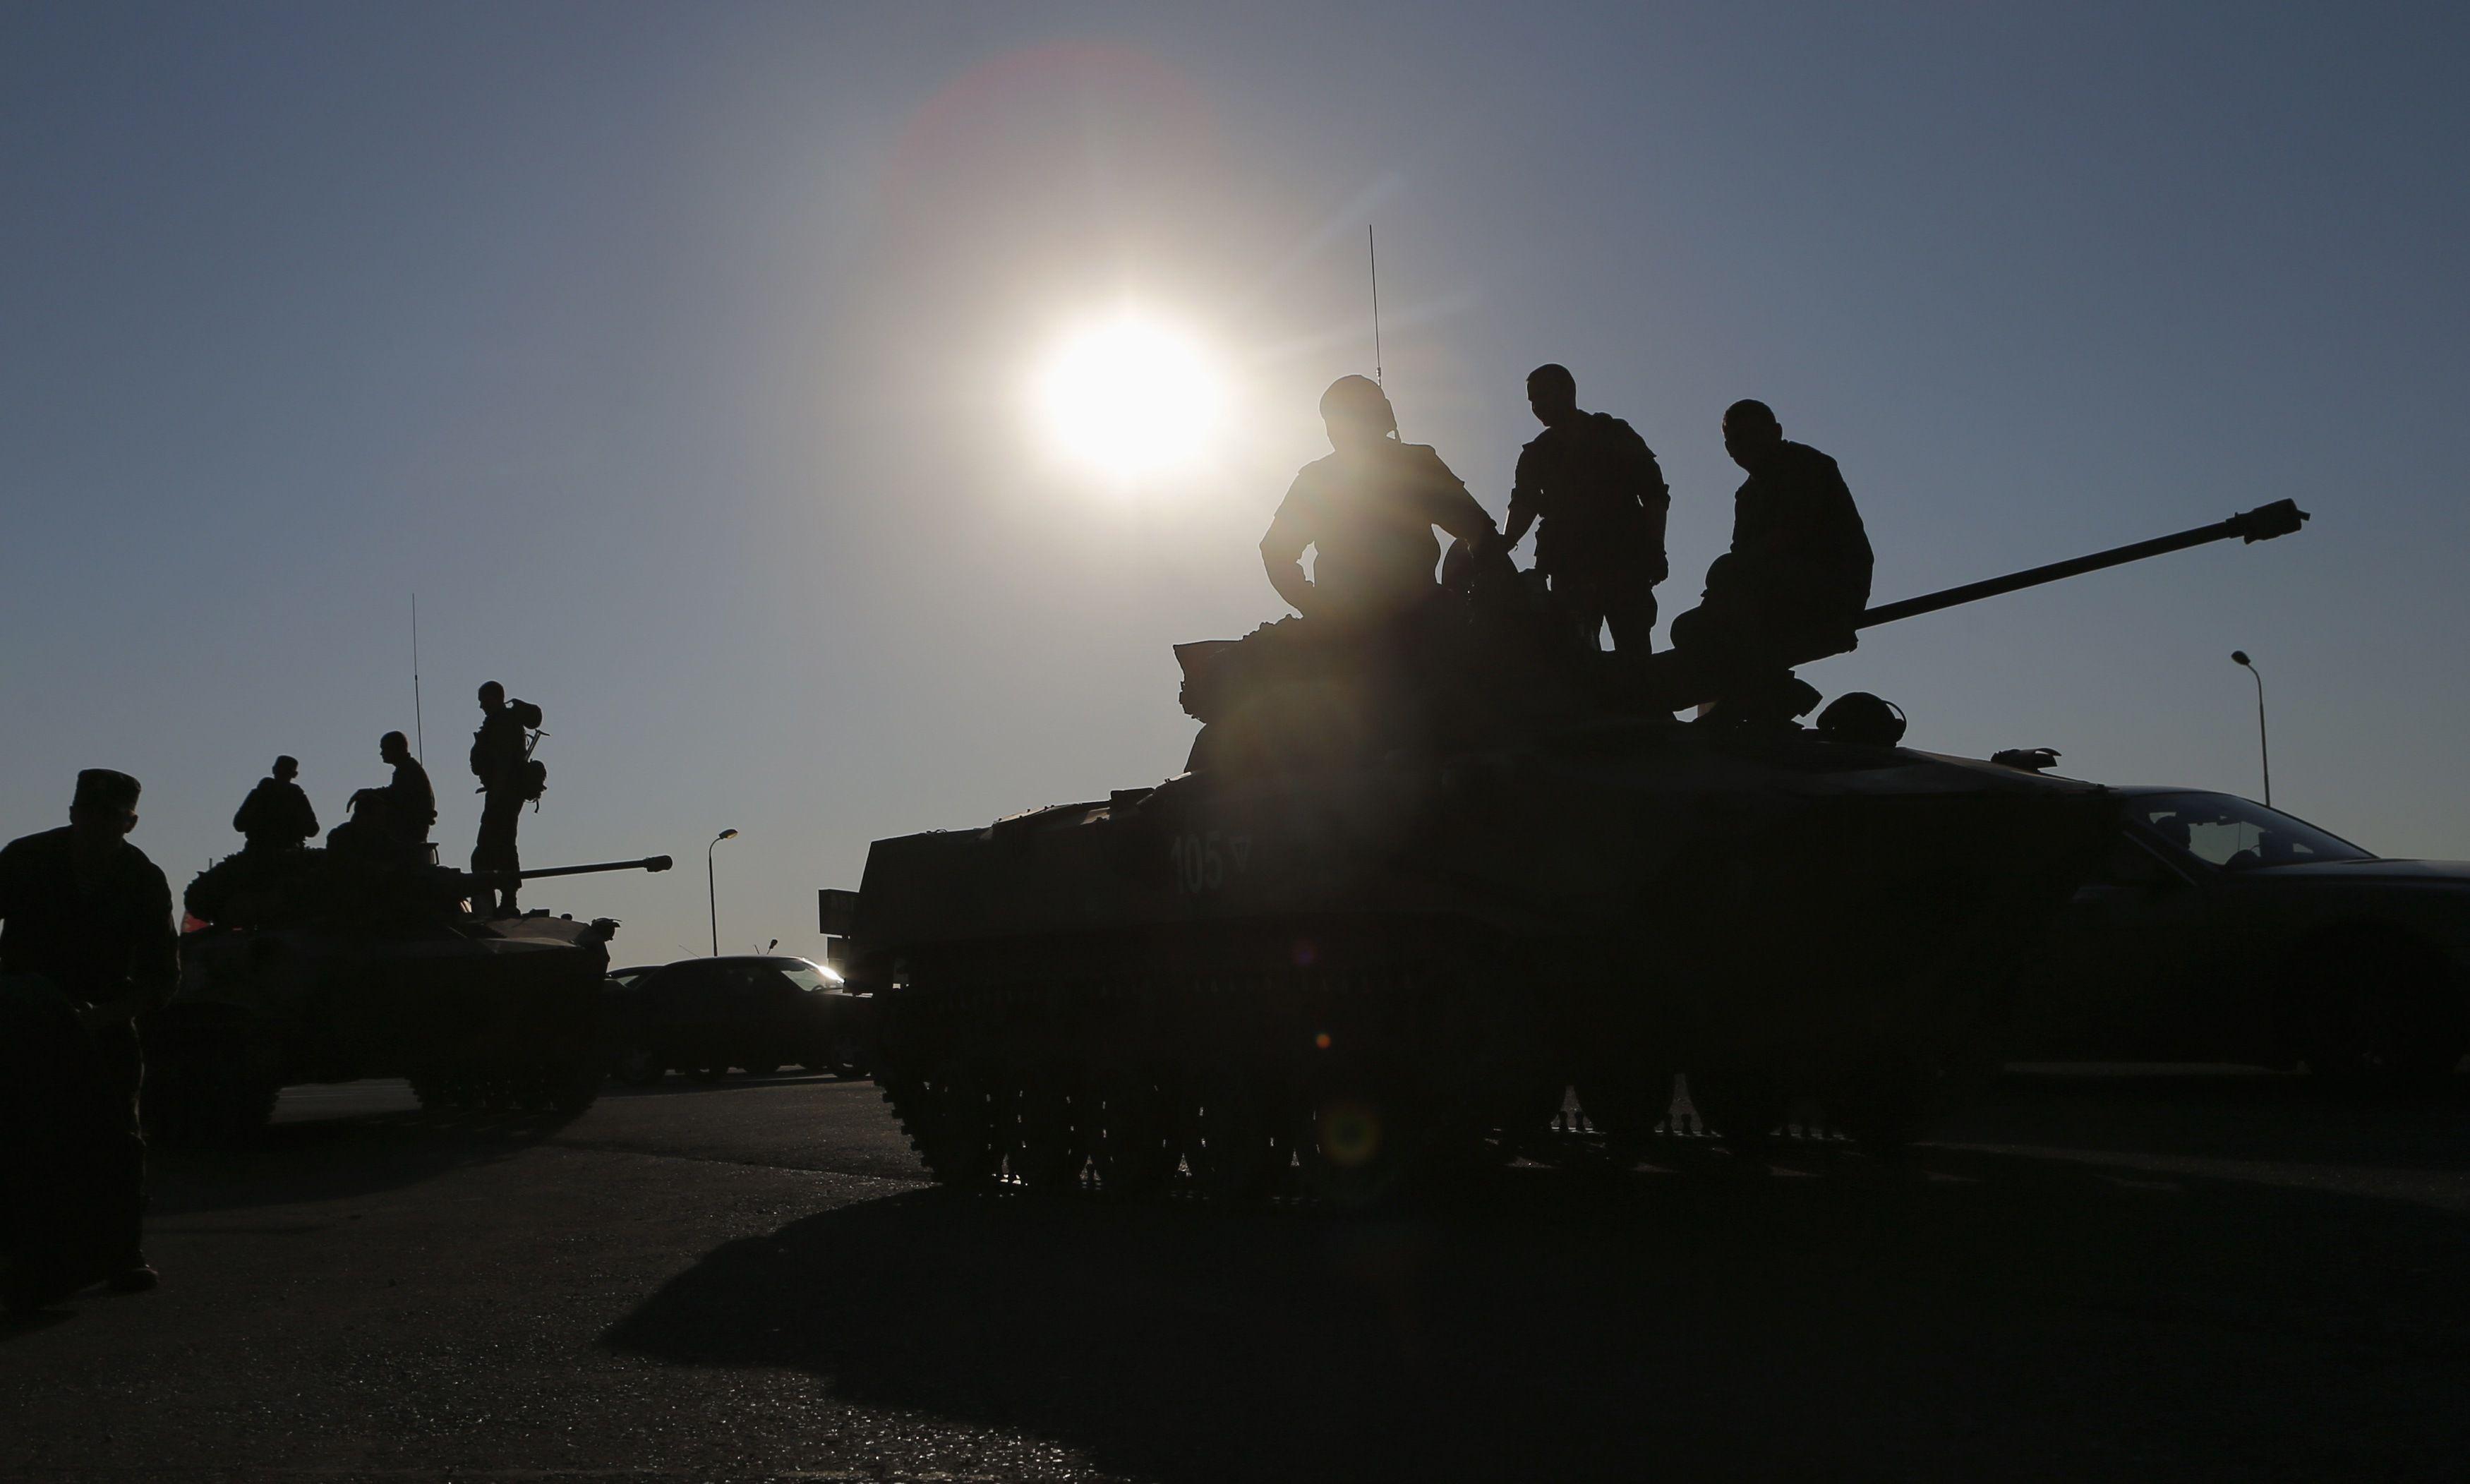 Аркадий Бабченко полагает, что большая война между Украиной и Россией очень вероятна